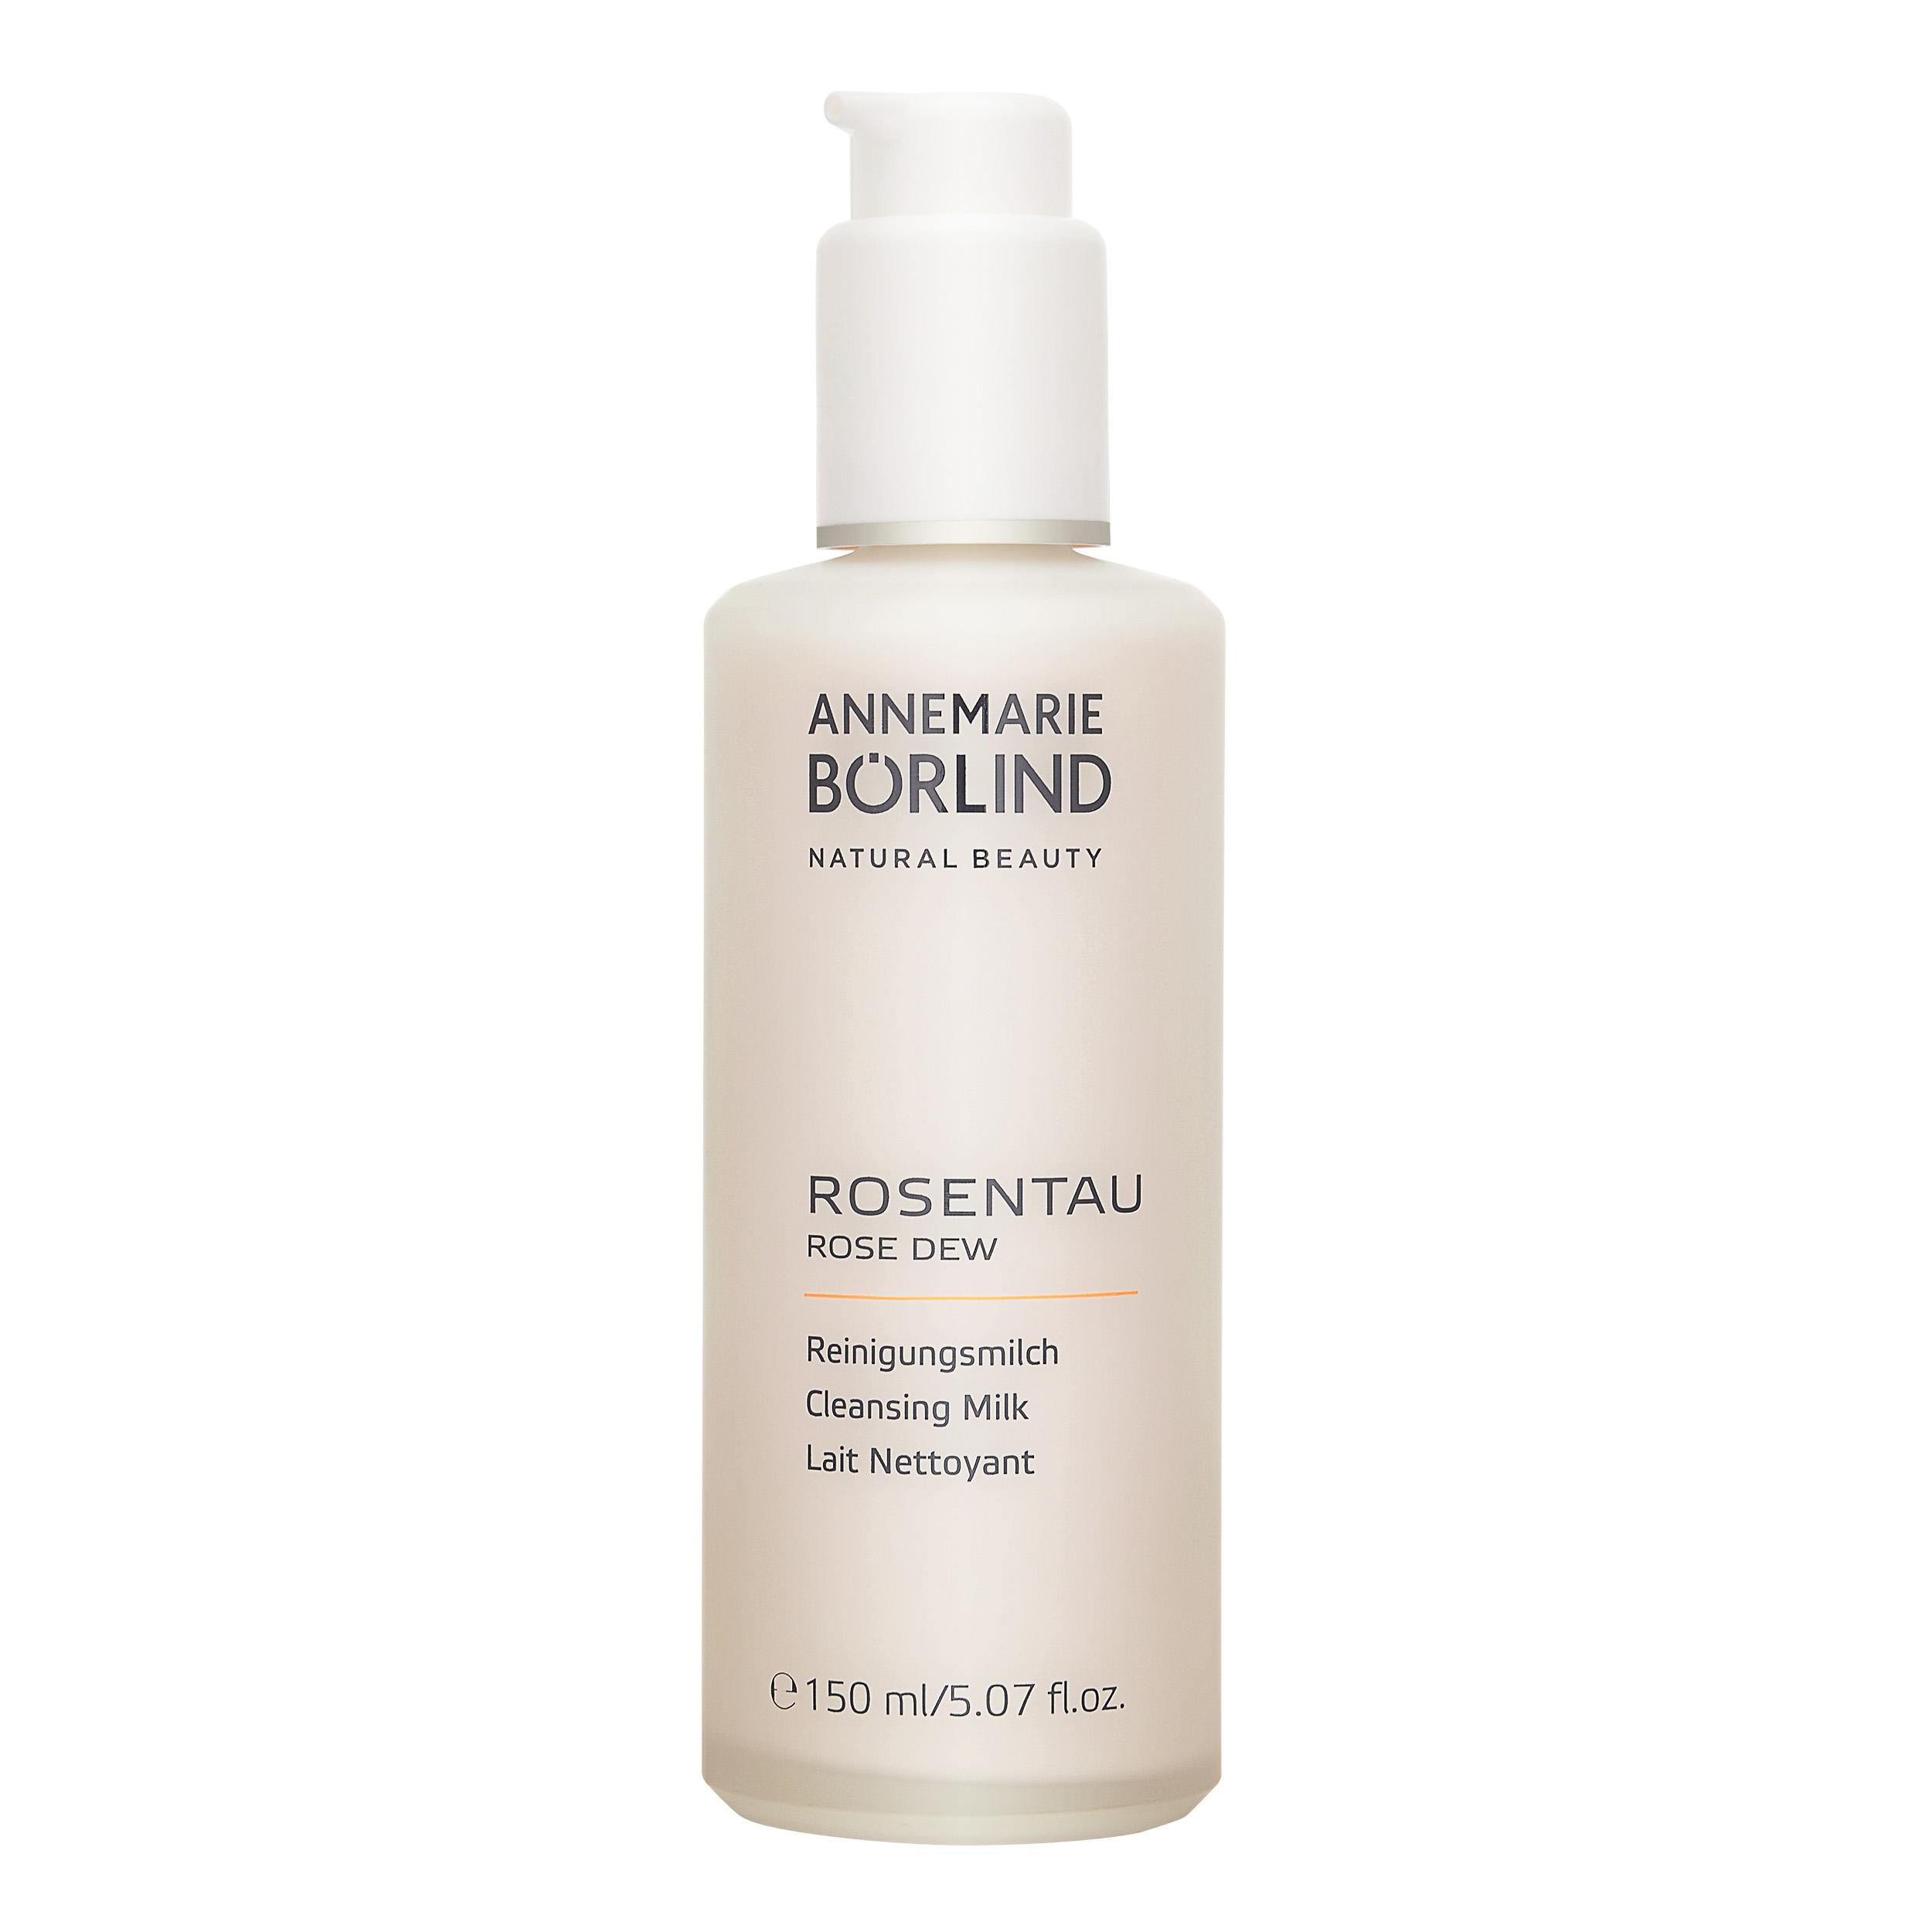 Annemarie Borlind Rose Dew Cleansing Milk 5.07oz, 150ml